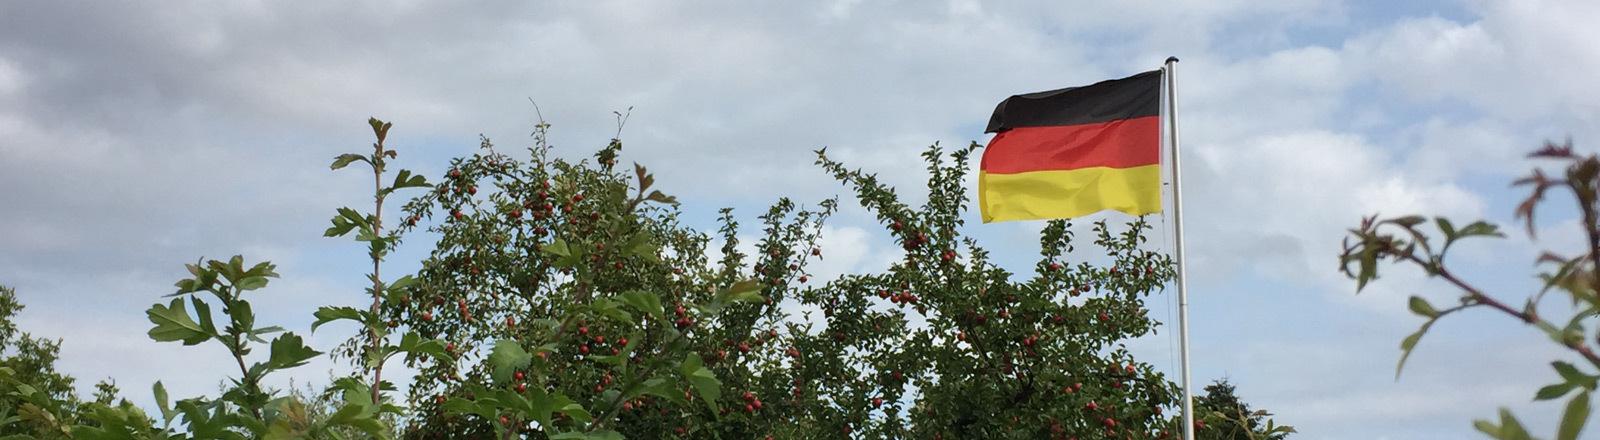 Deutsche Fahne in einem Kleingärtner-Verein in Kiel.